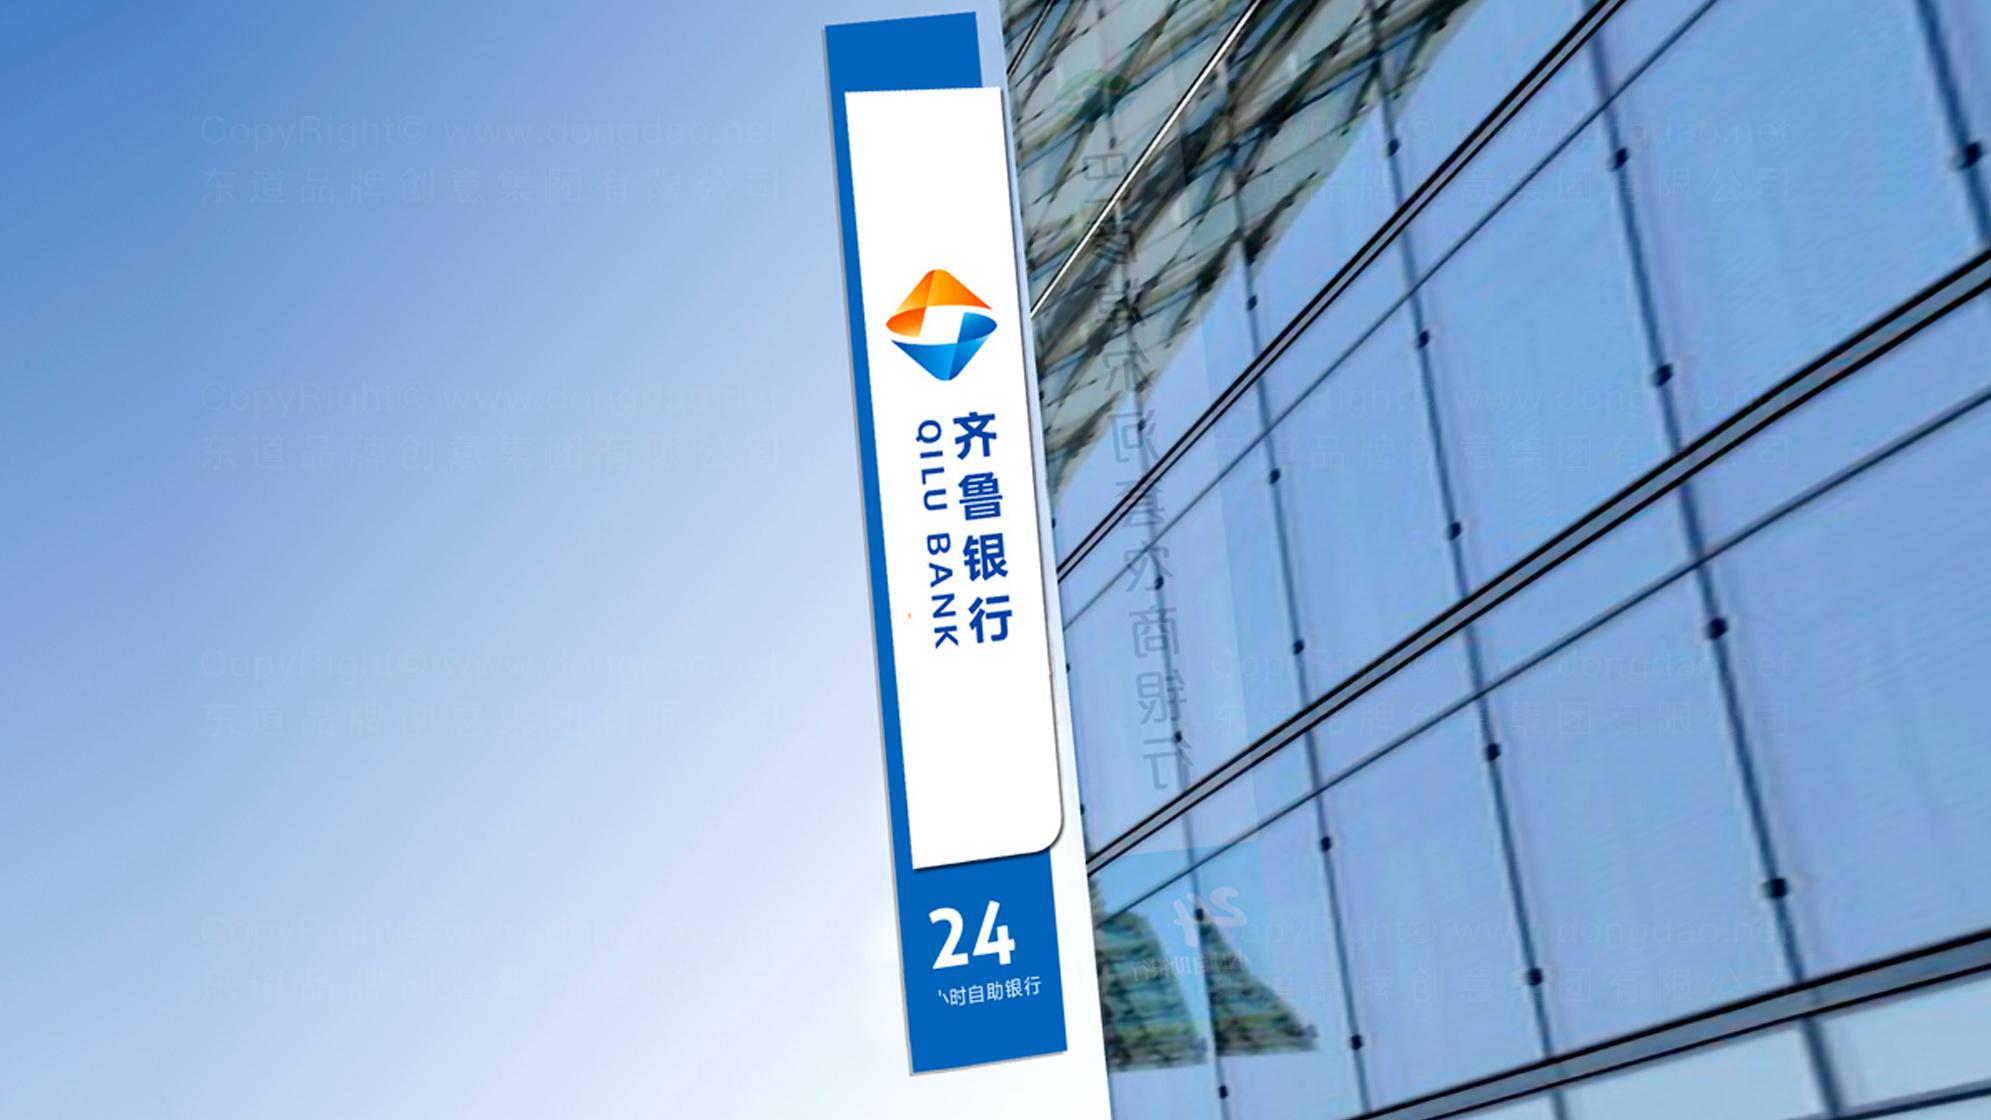 品牌设计齐鲁银行LOGO&VI设计应用场景_6